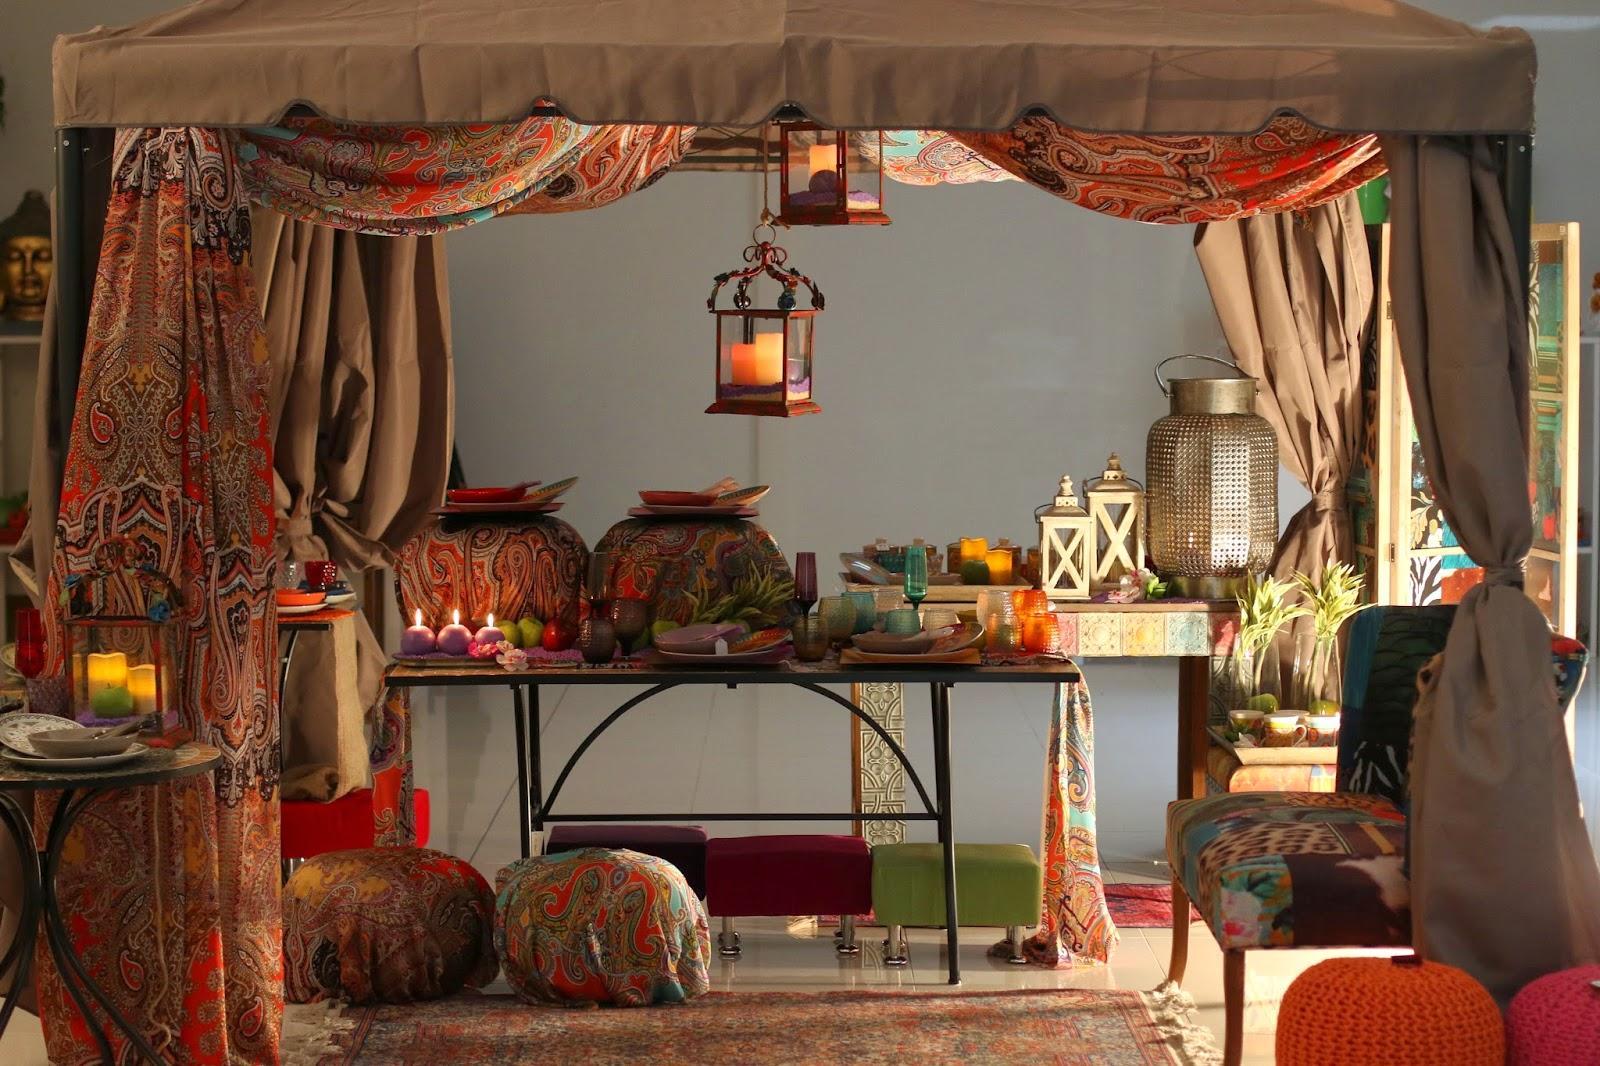 Villa d 39 este home tivoli ispirazioni d 39 oriente for Arredamento stile marocco